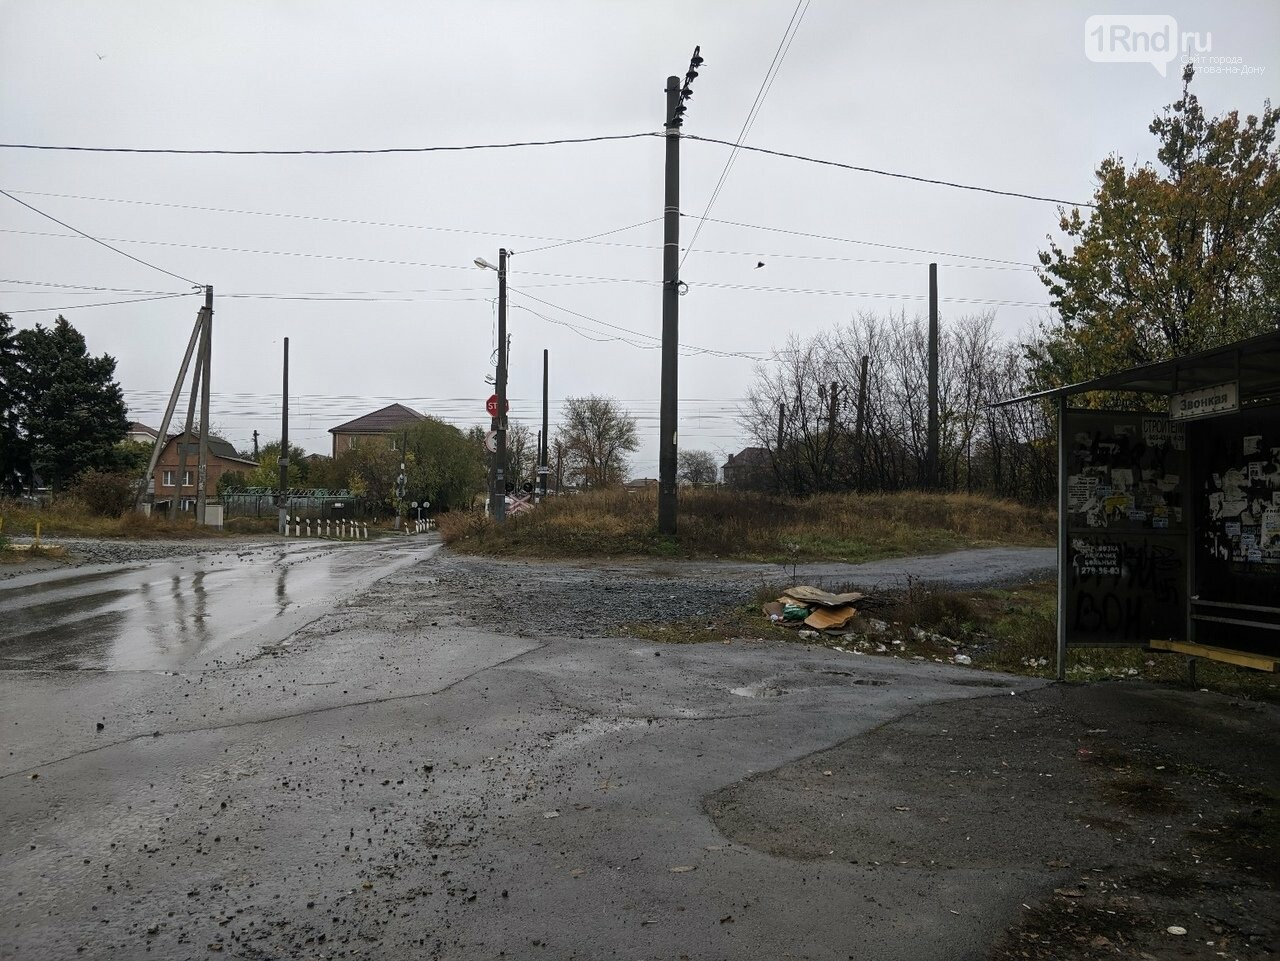 Путь к знаниям: как ростовские школьники добираются до своих школ, фото-16